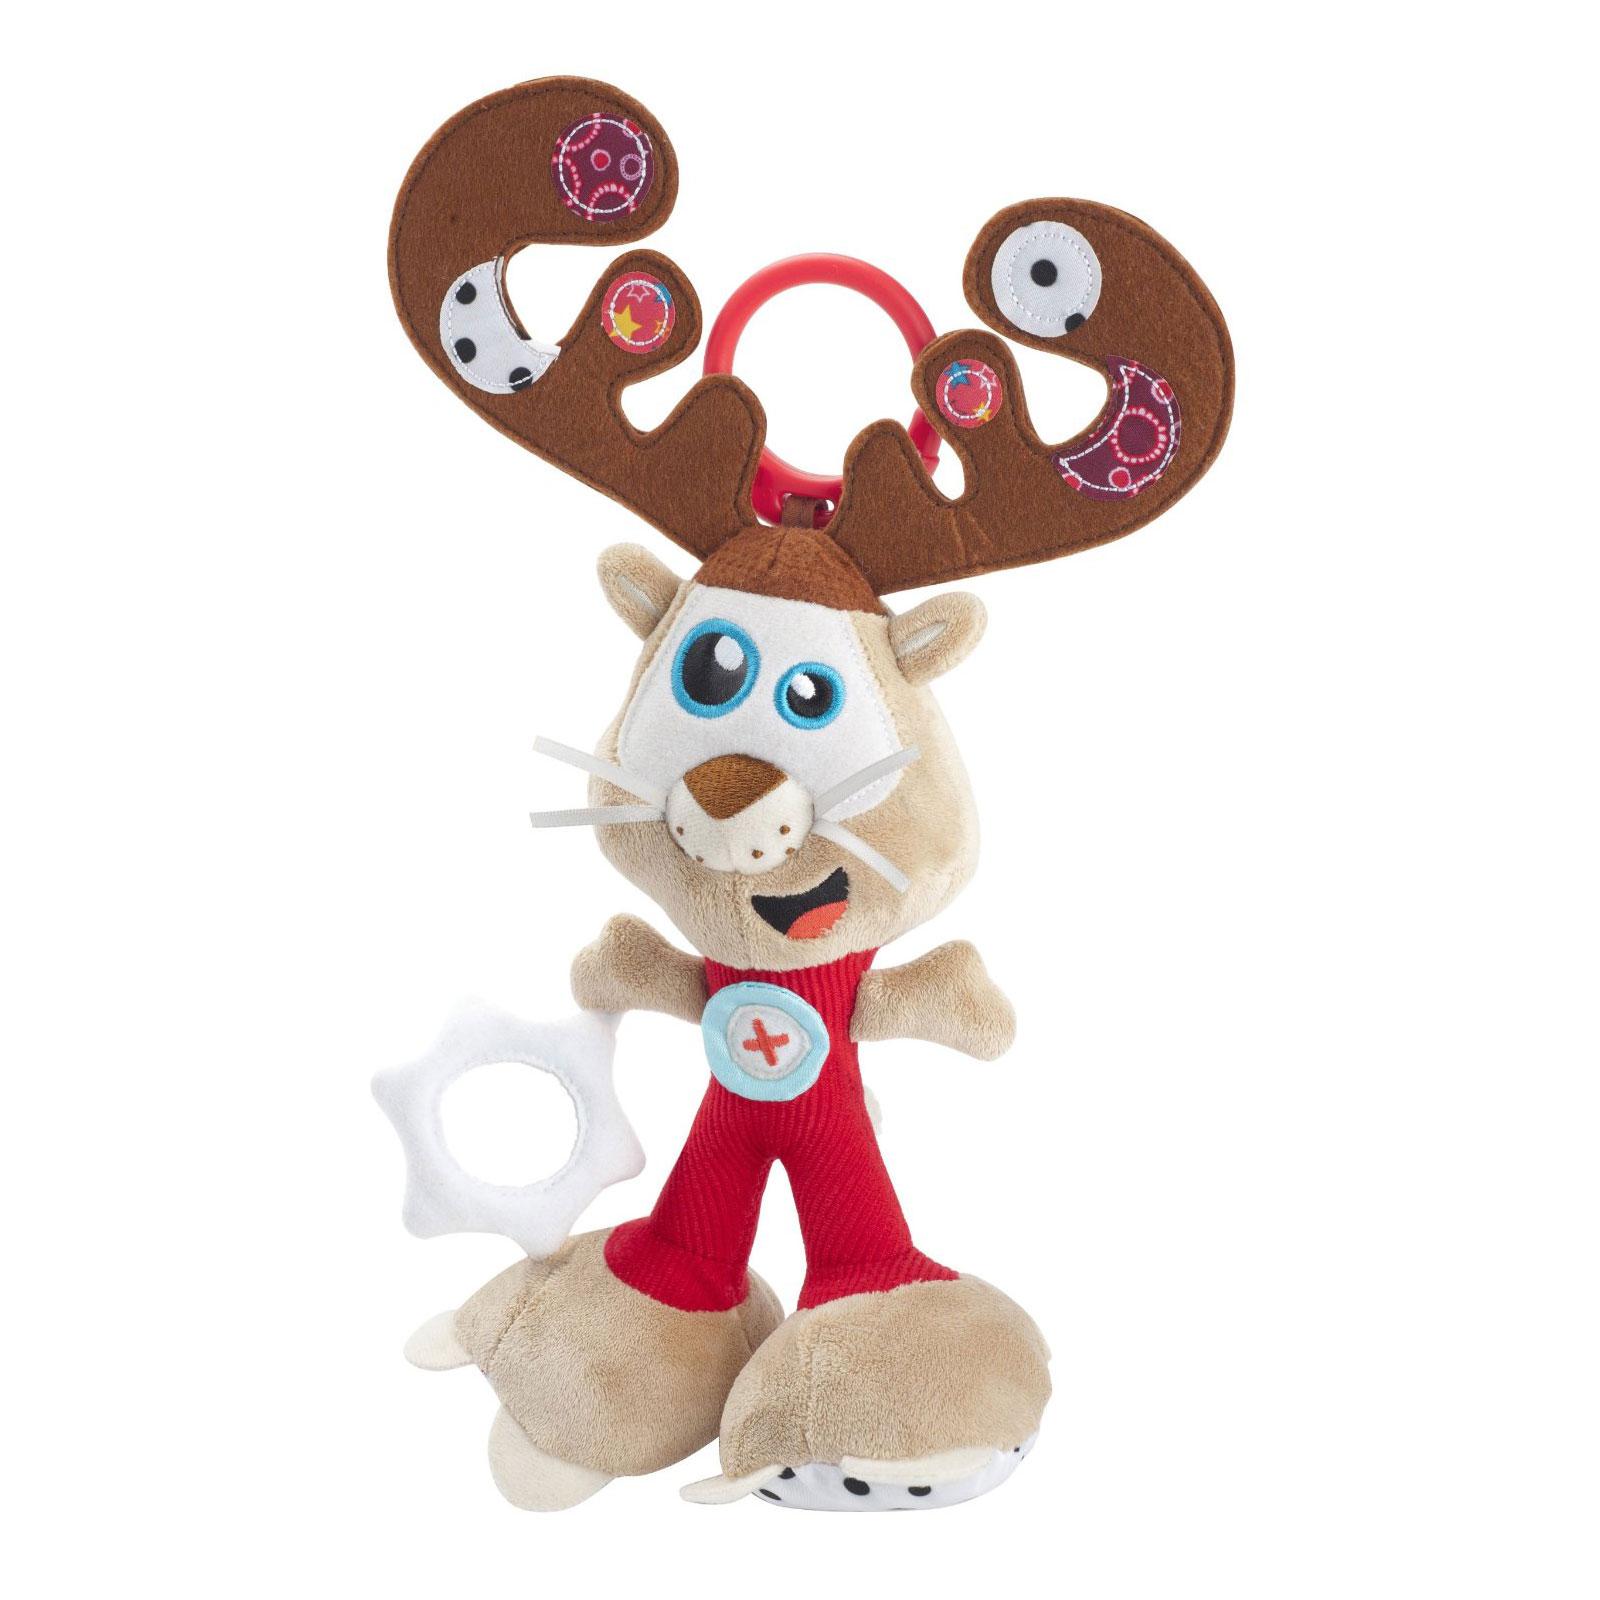 ����������� ������� Baby Moov reindeer-�������� �����